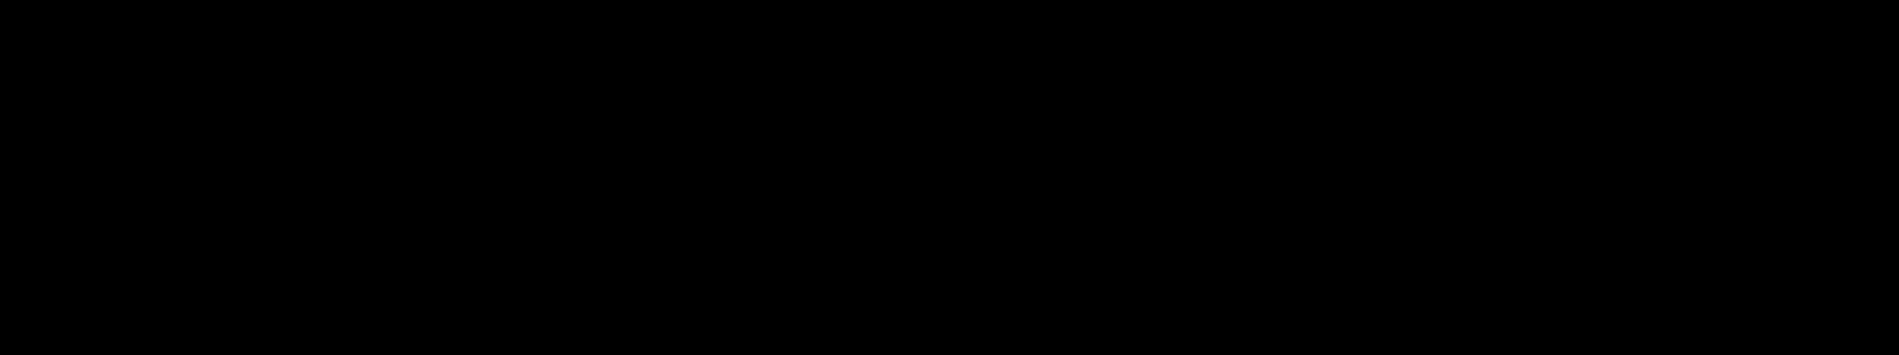 KATRINE SEPTIMIUS